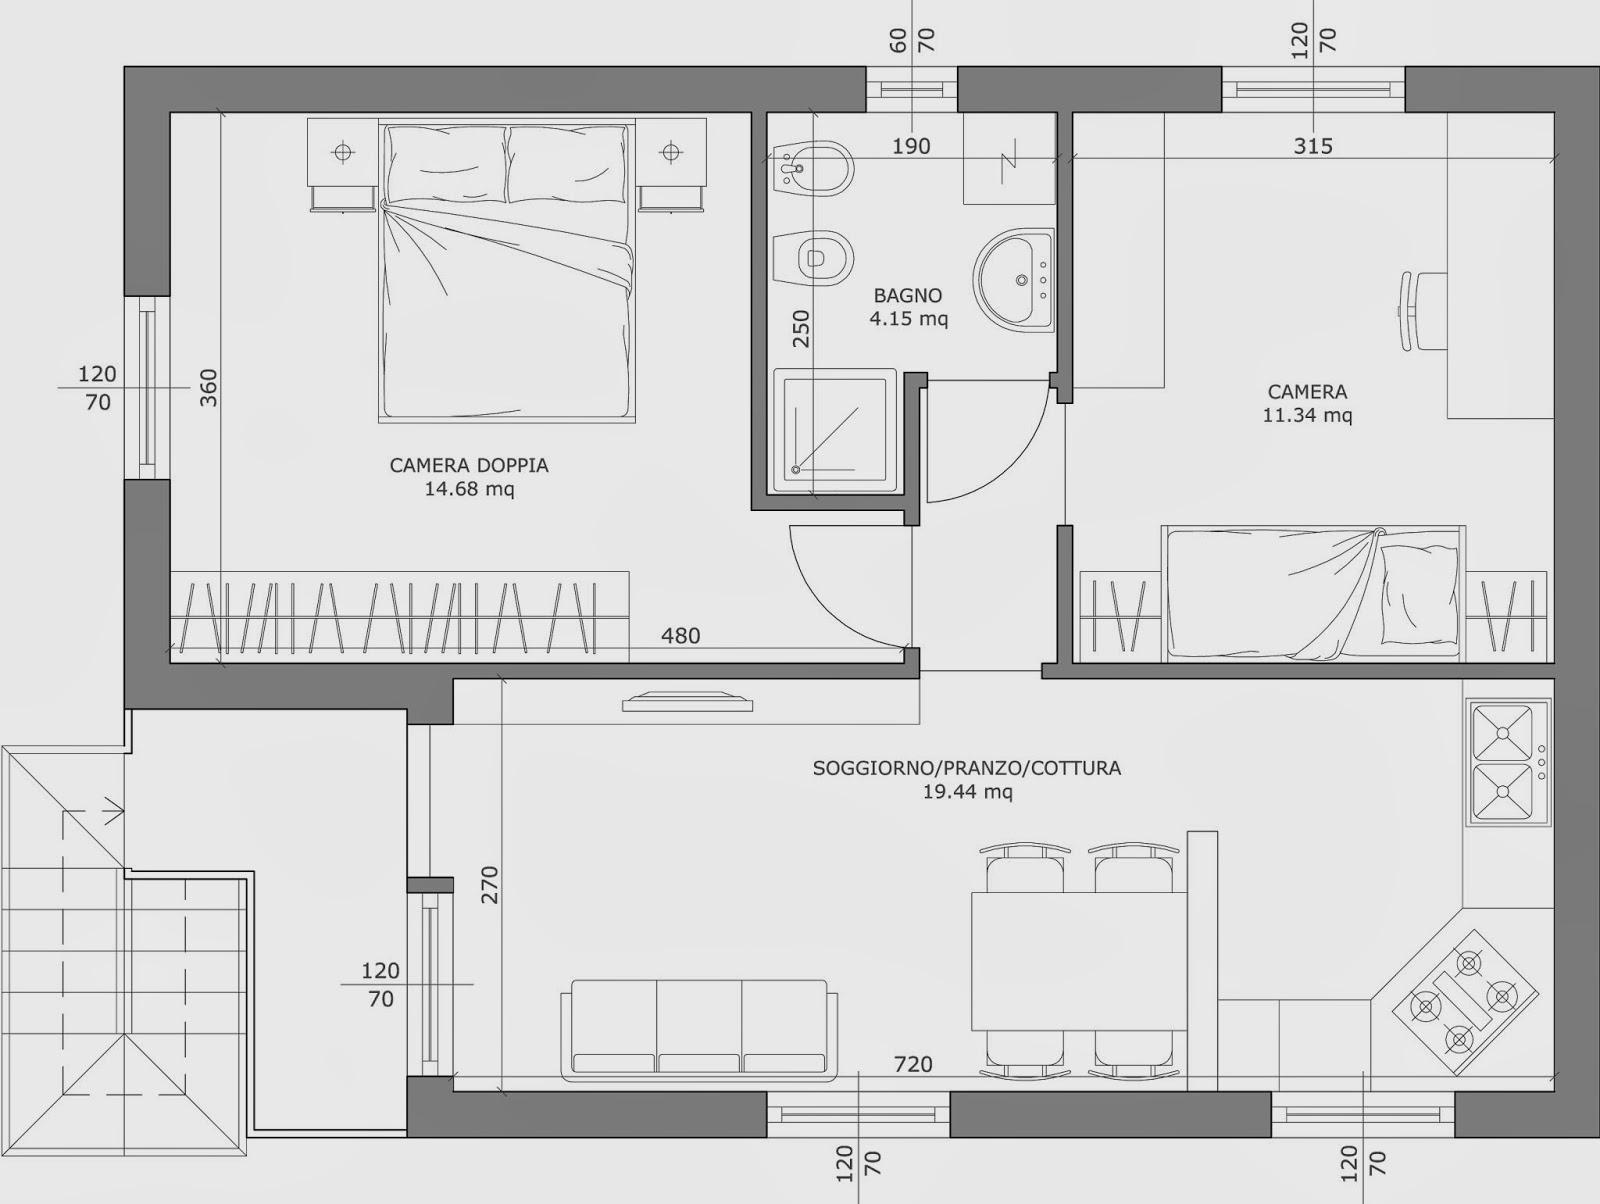 The marti 39 s loft come leggere un disegno in scala for Disegnare piantina appartamento